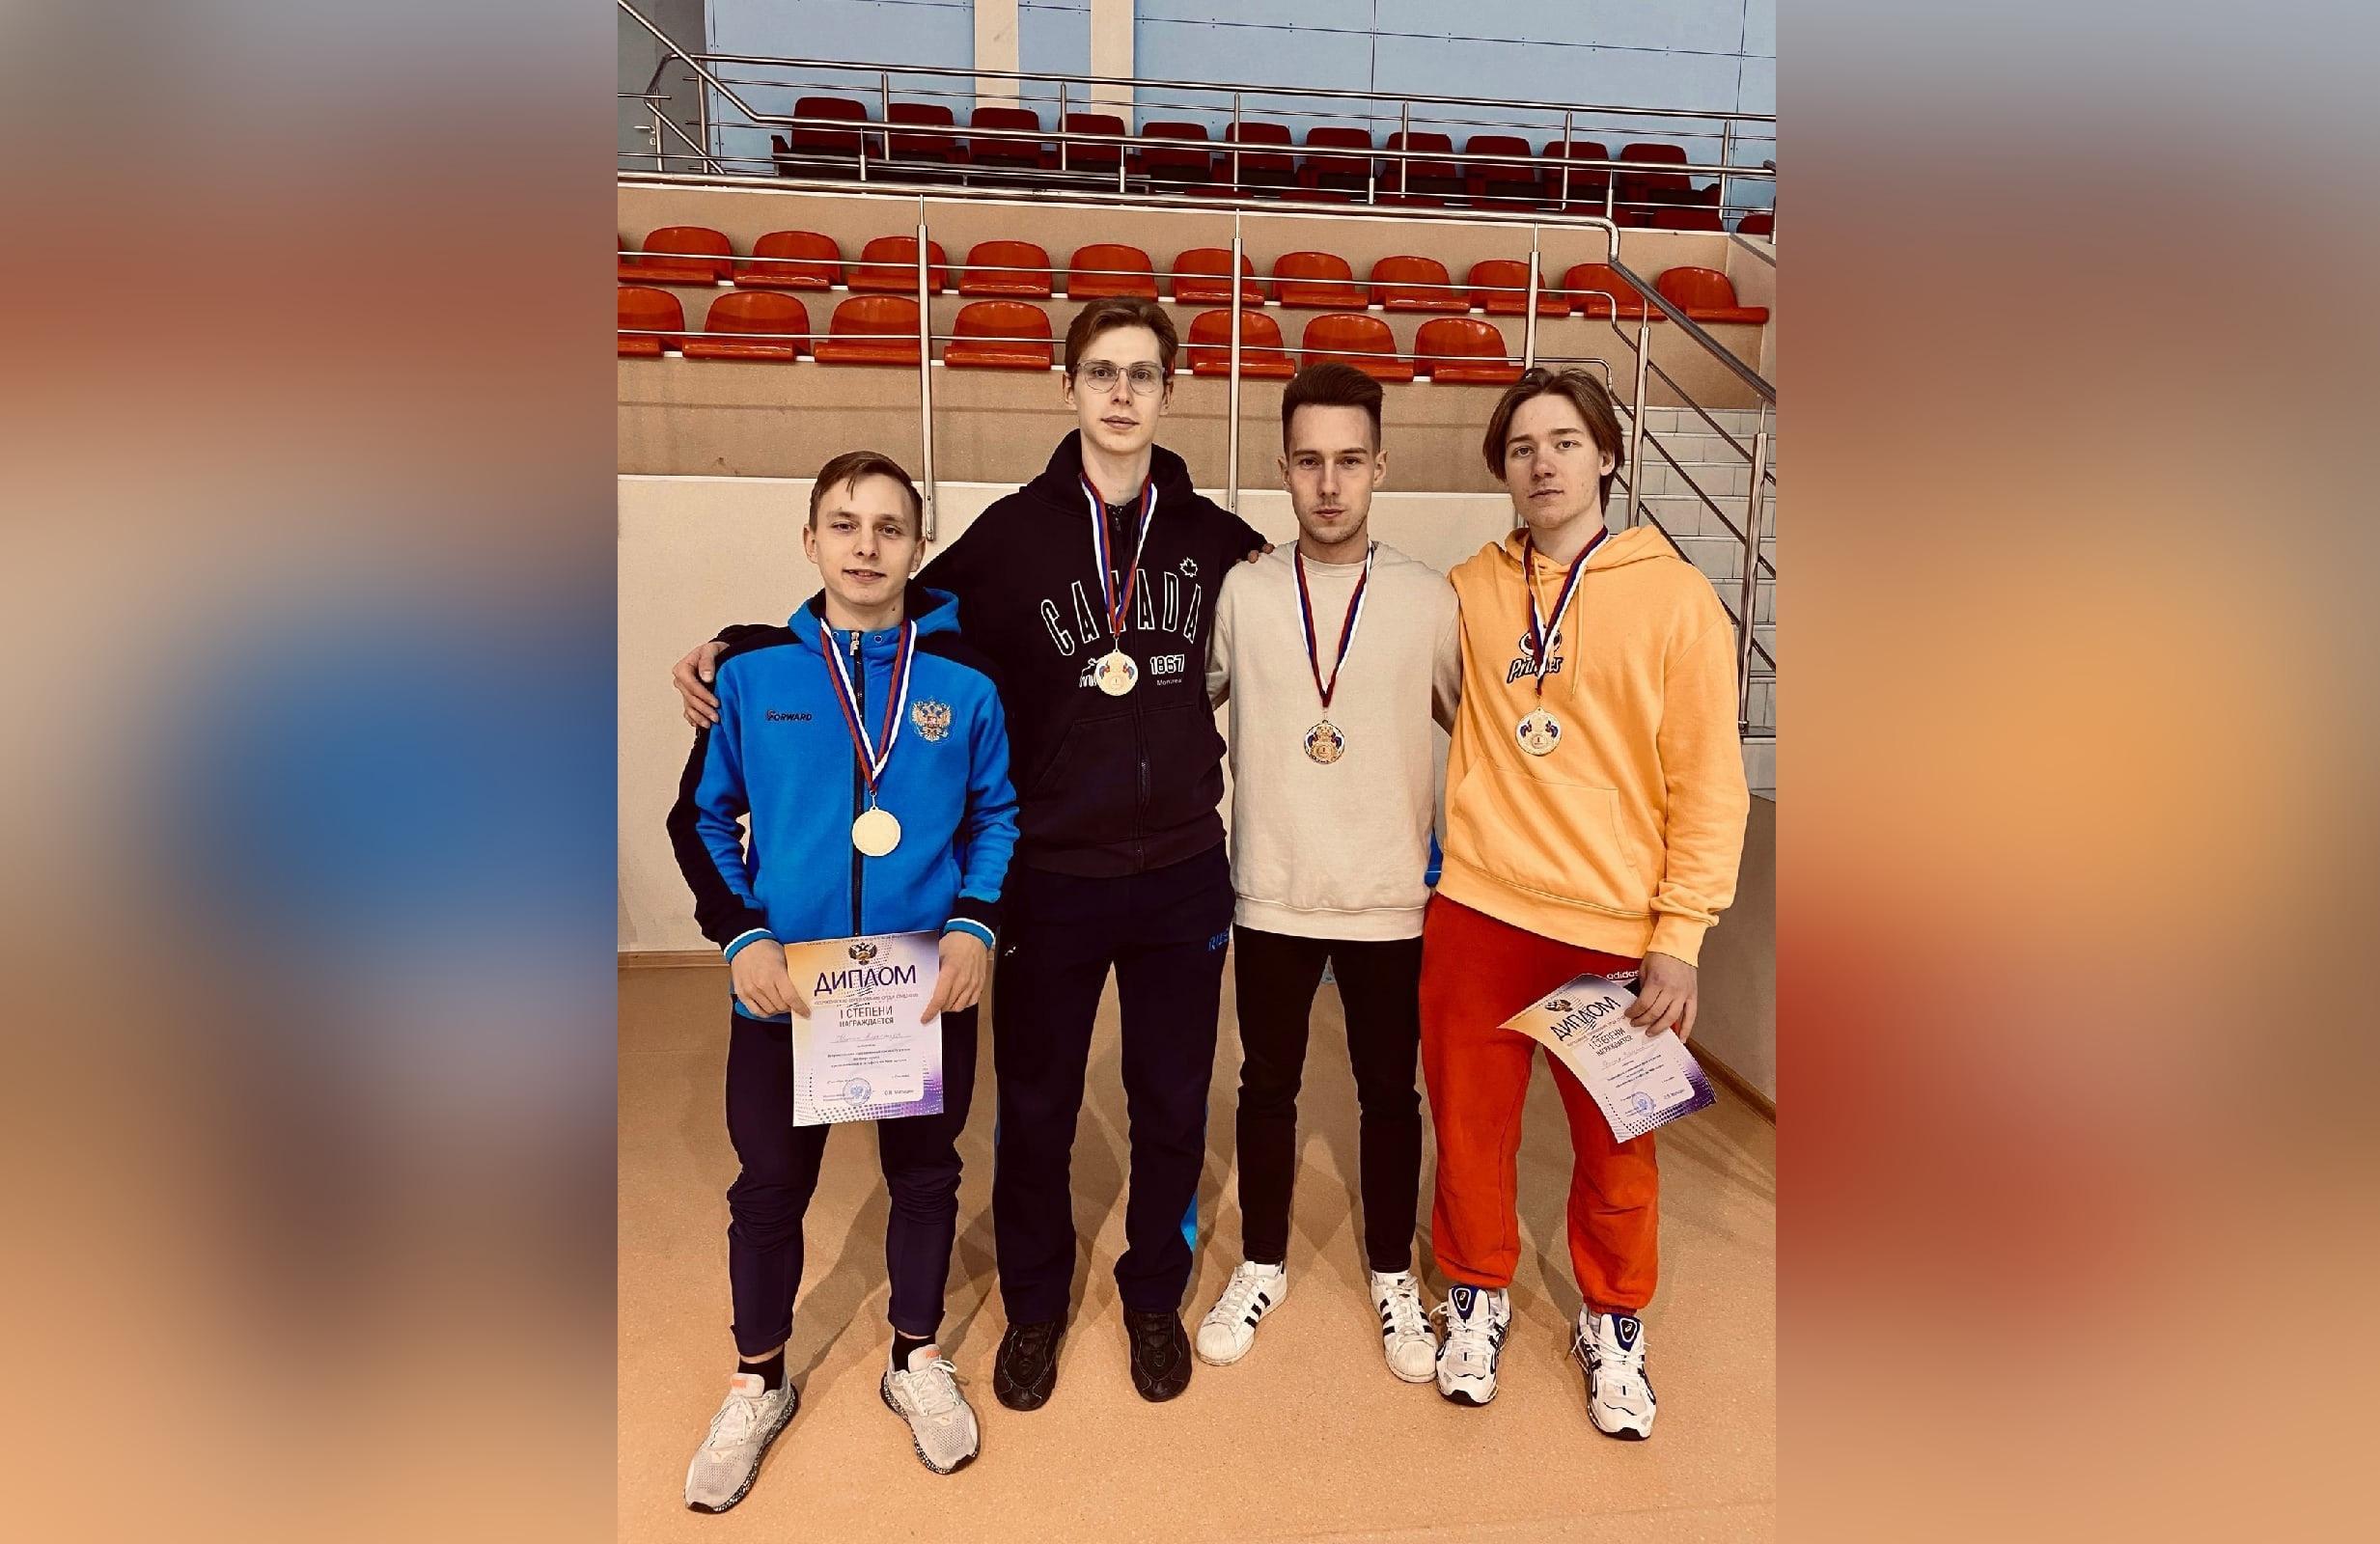 Студент ТвГТУ завоевал золото Всероссийских соревнований по шорт-треку - новости Афанасий